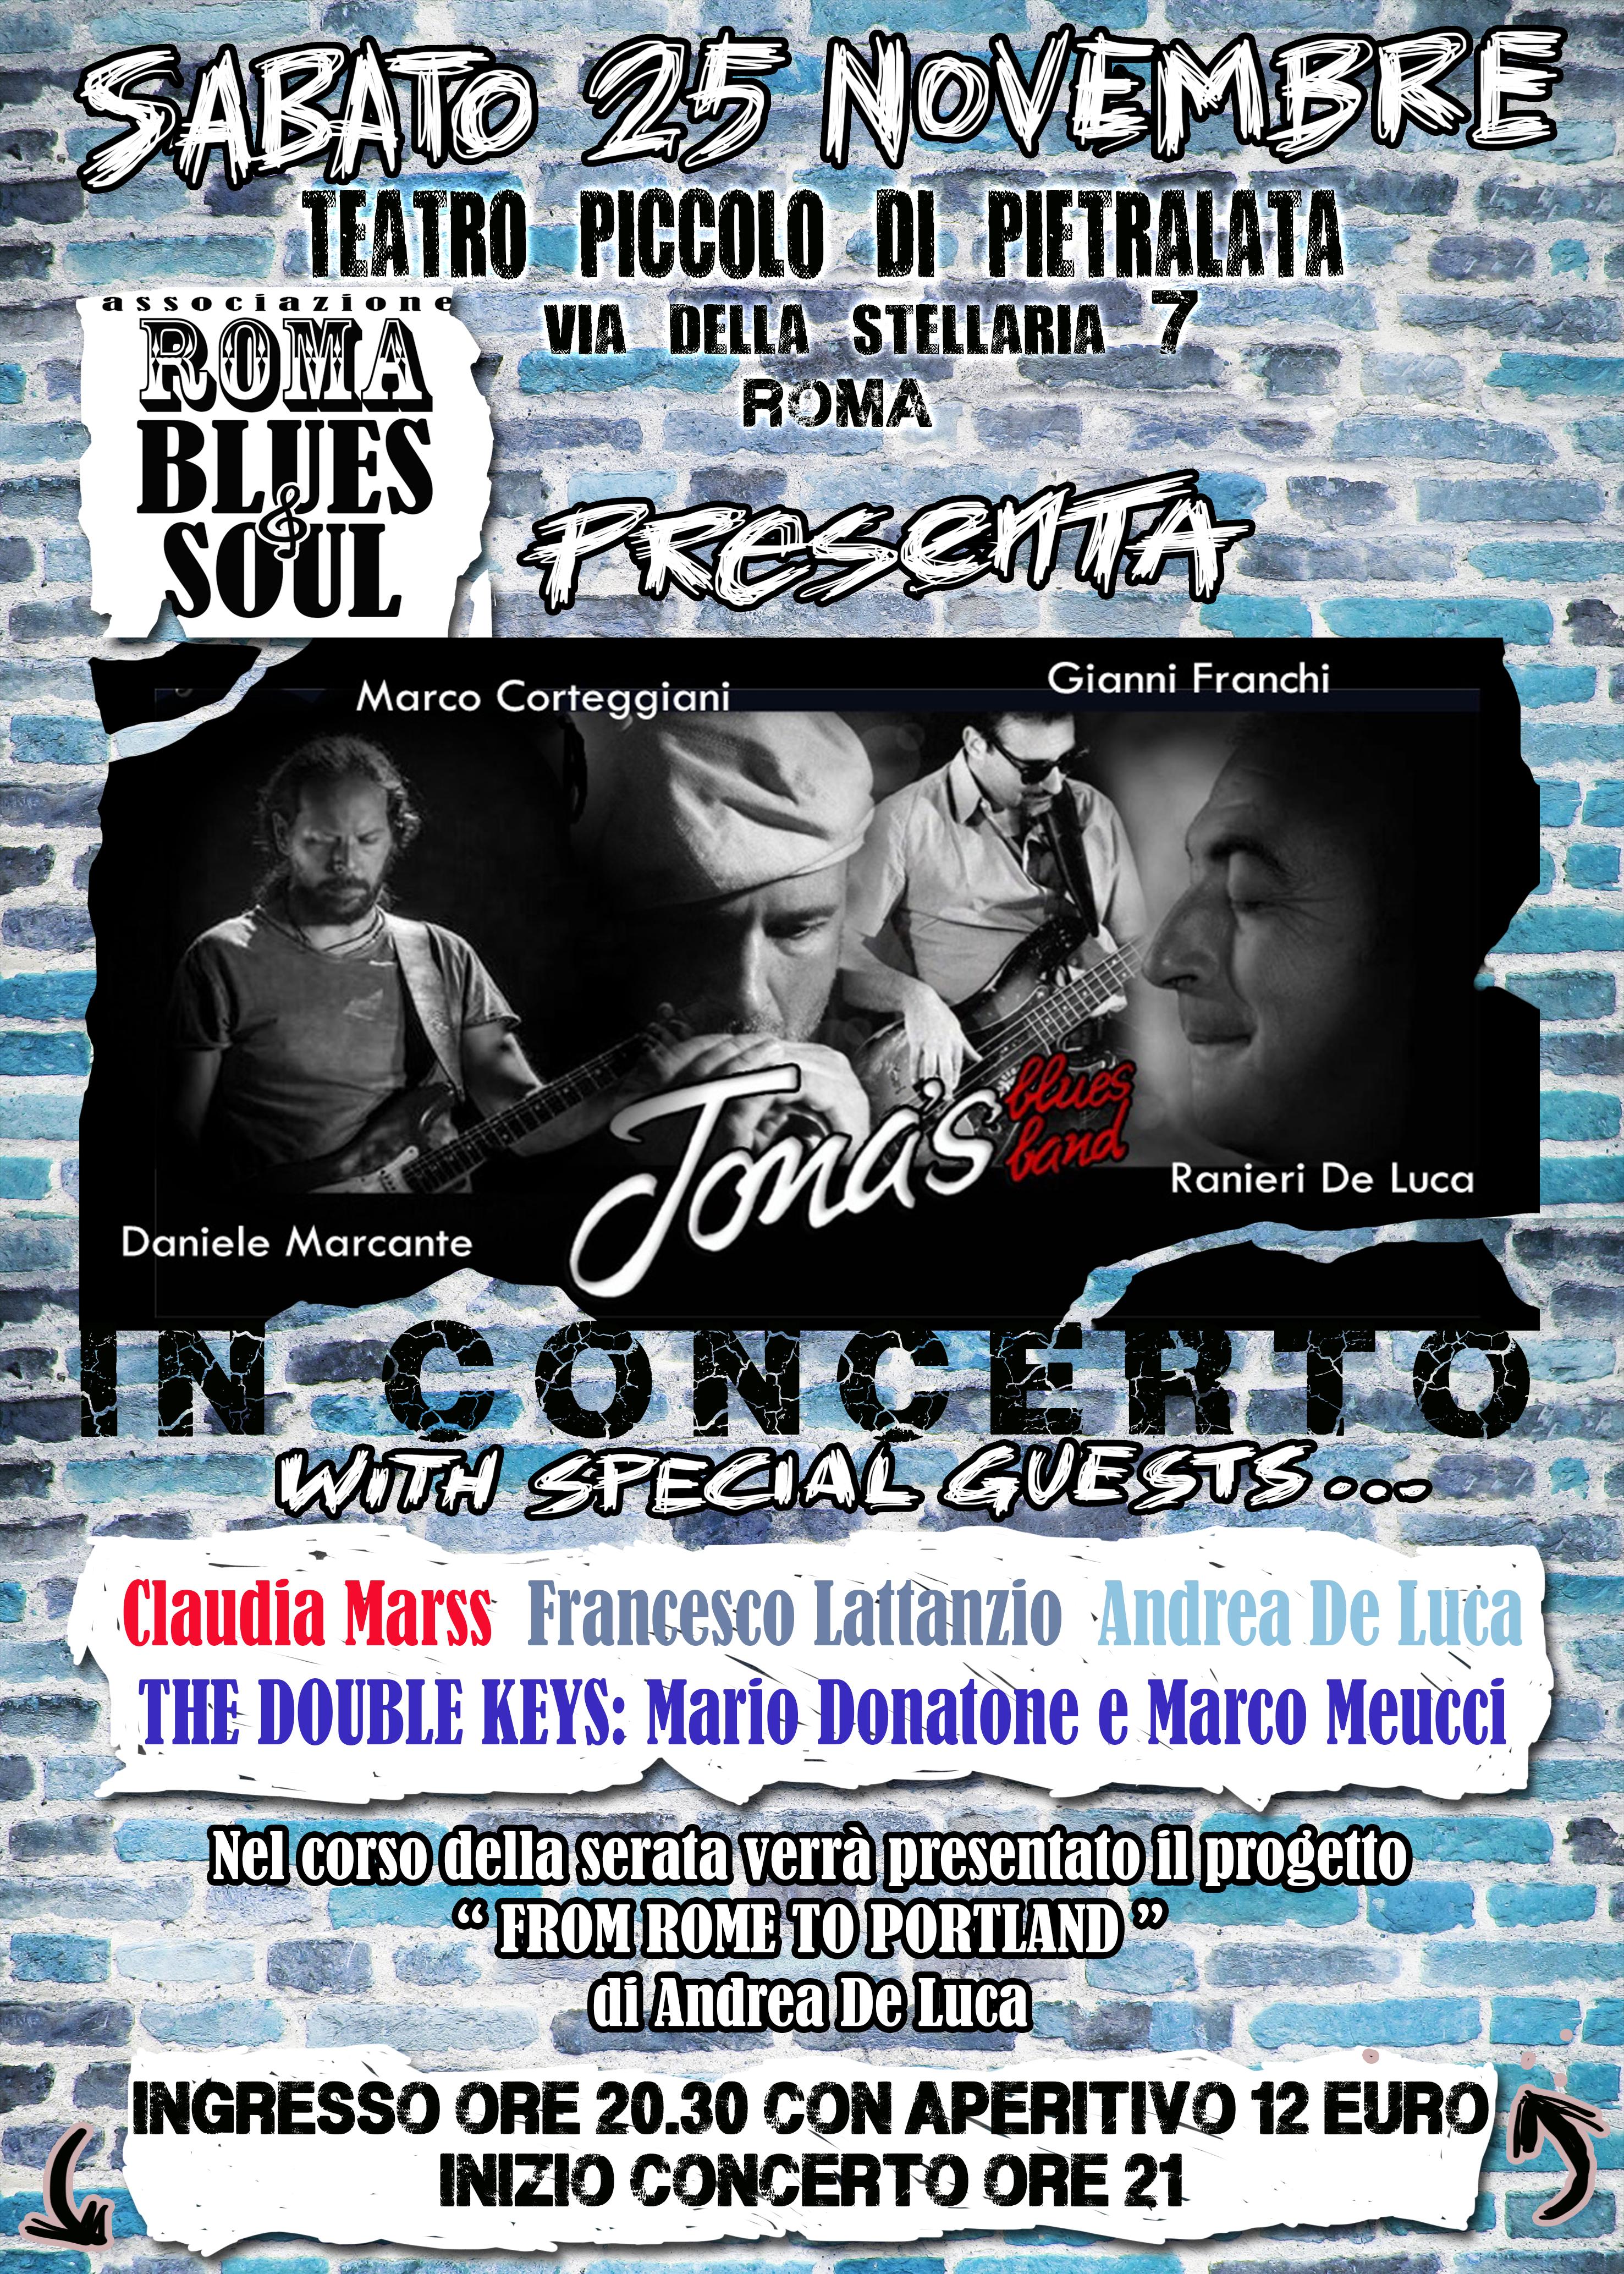 Jona' s Blues Band - Teatro Piccolo Di Pietralata - Tour 2017 - Promo